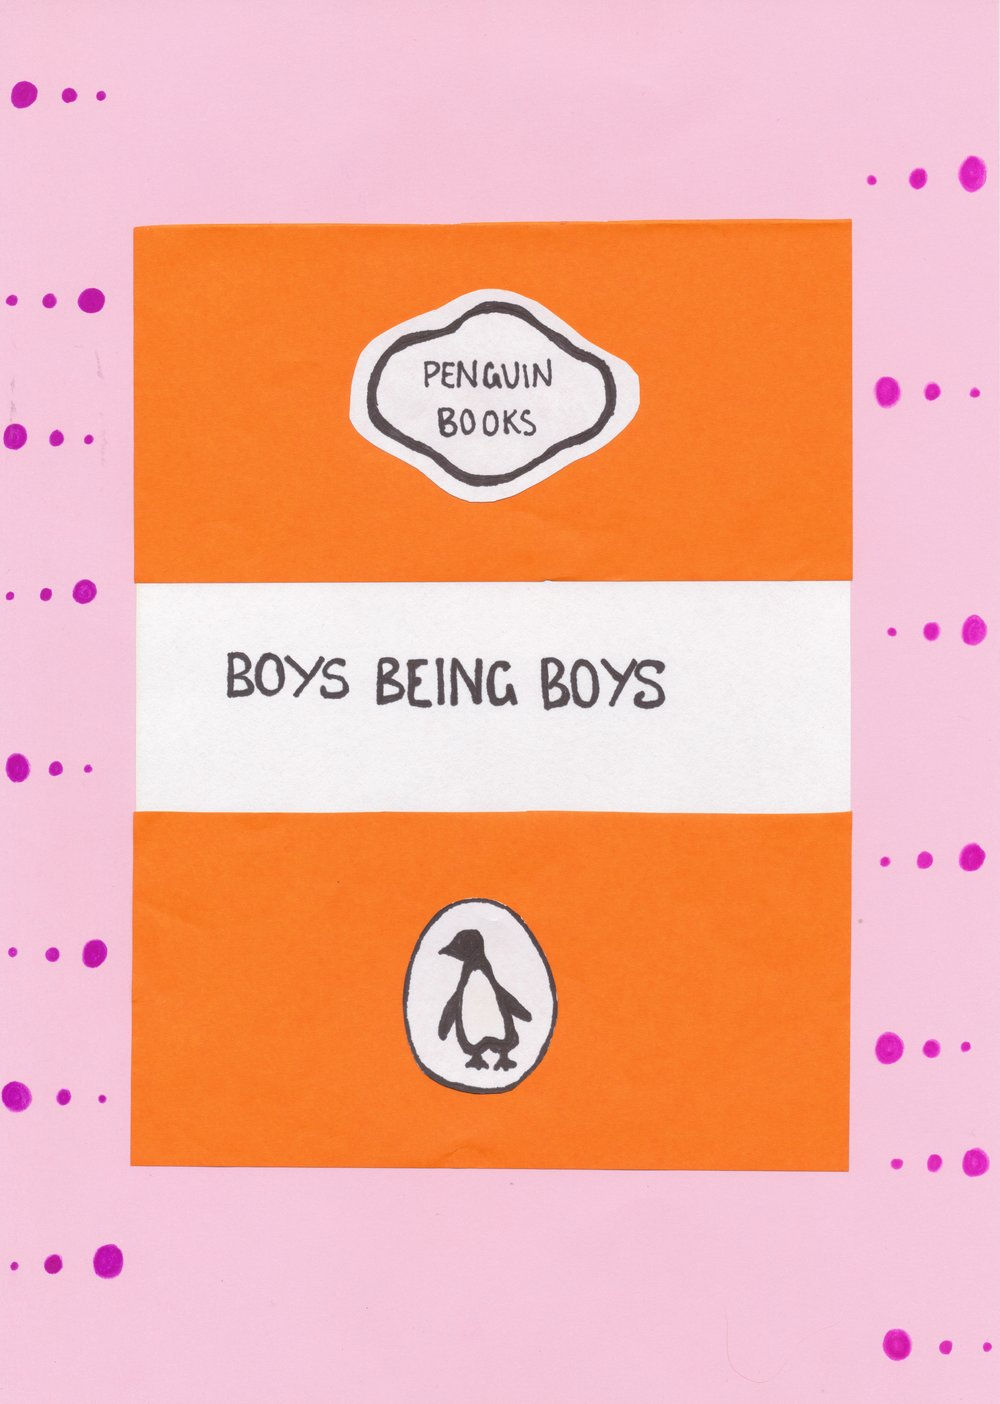 Boys Being Boys2.jpeg